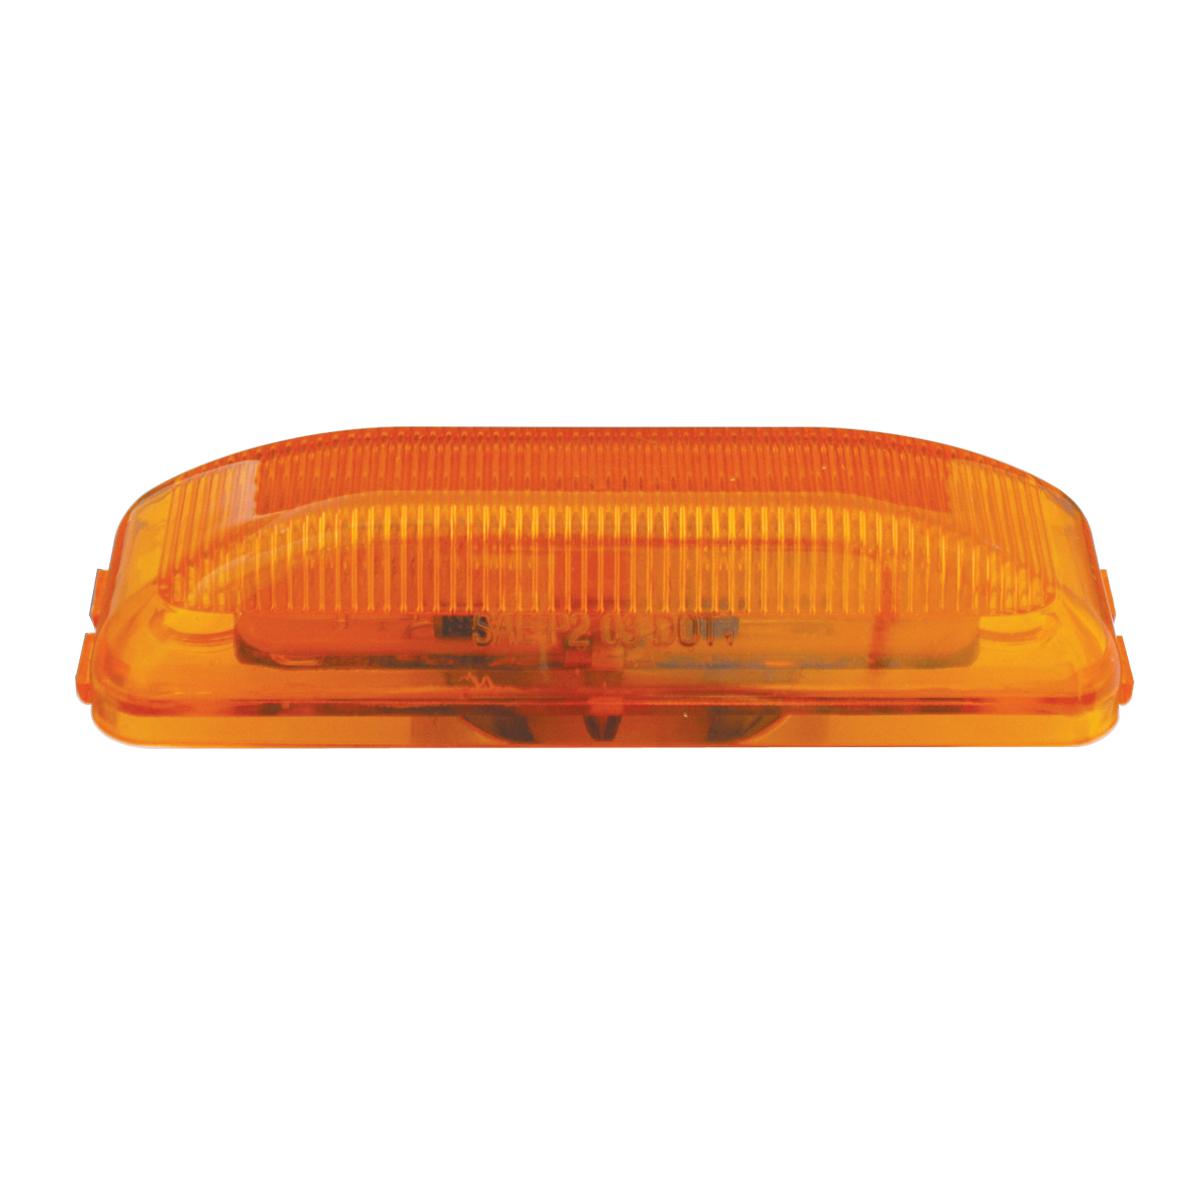 84440 Medium Rectangular LED Marker Light in Amber/Amber